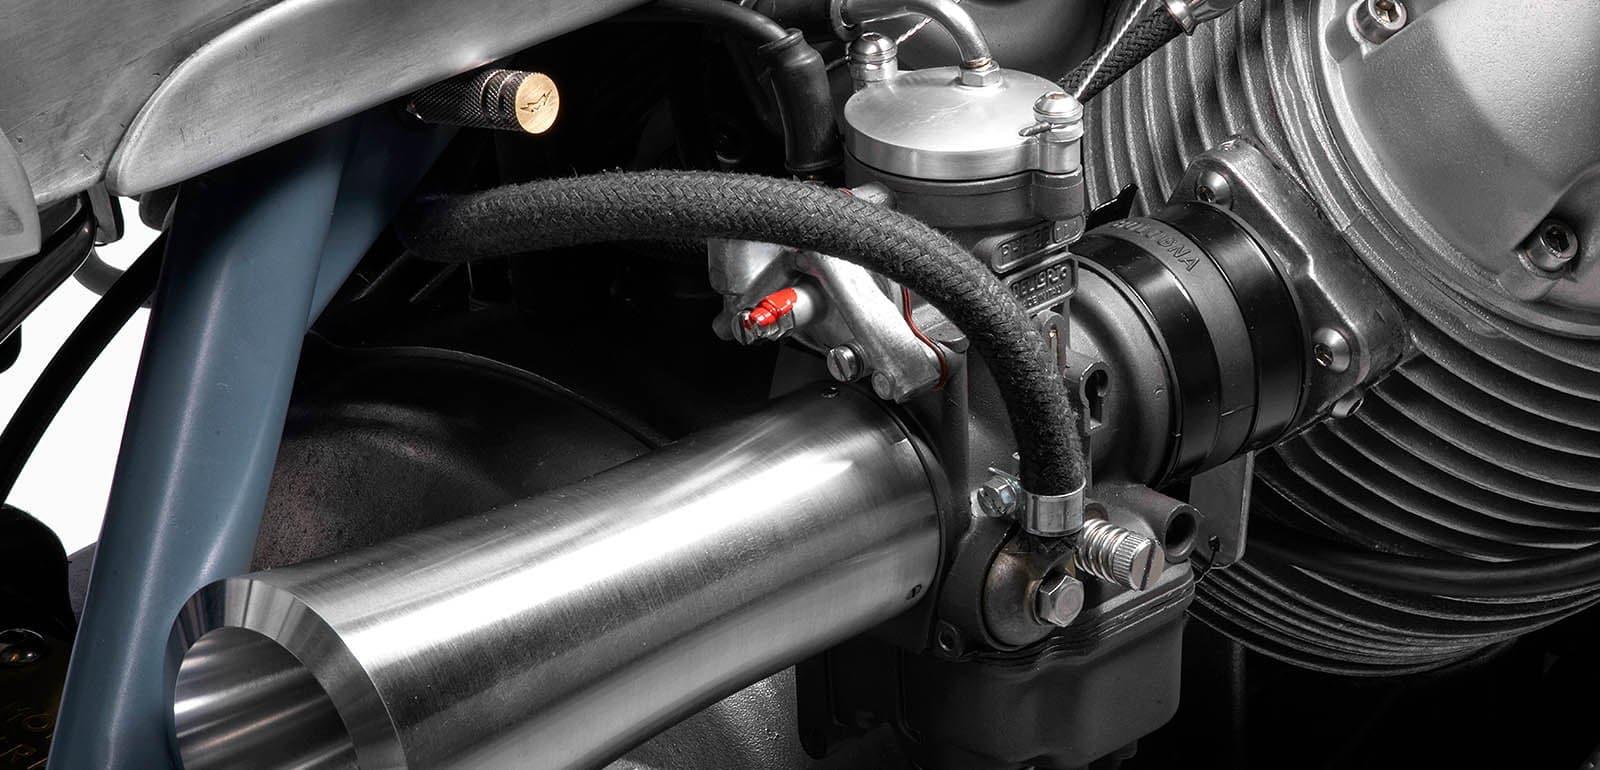 modified 36mm pumper Dell'Orto carburettors